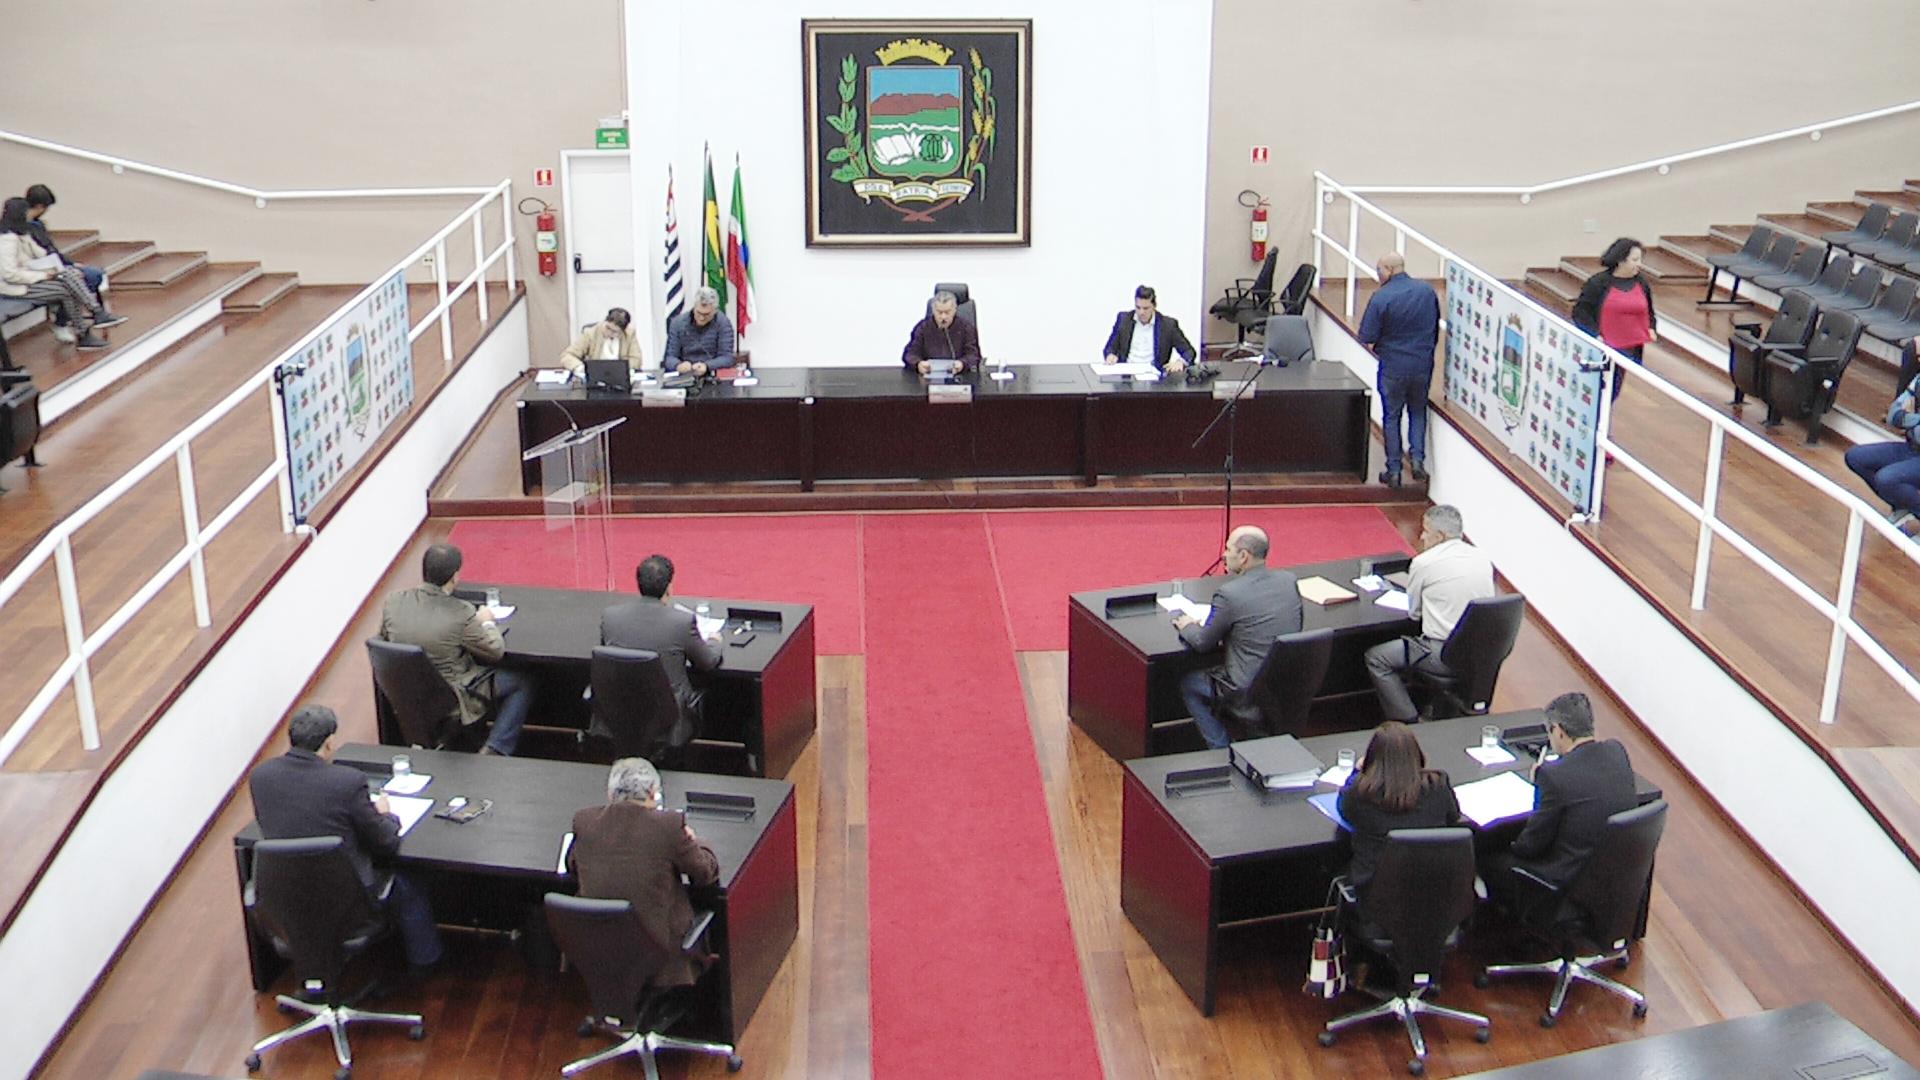 Câmara realiza primeira Sessão Ordinária do 2º semestre com três proposituras na Ordem do Dia